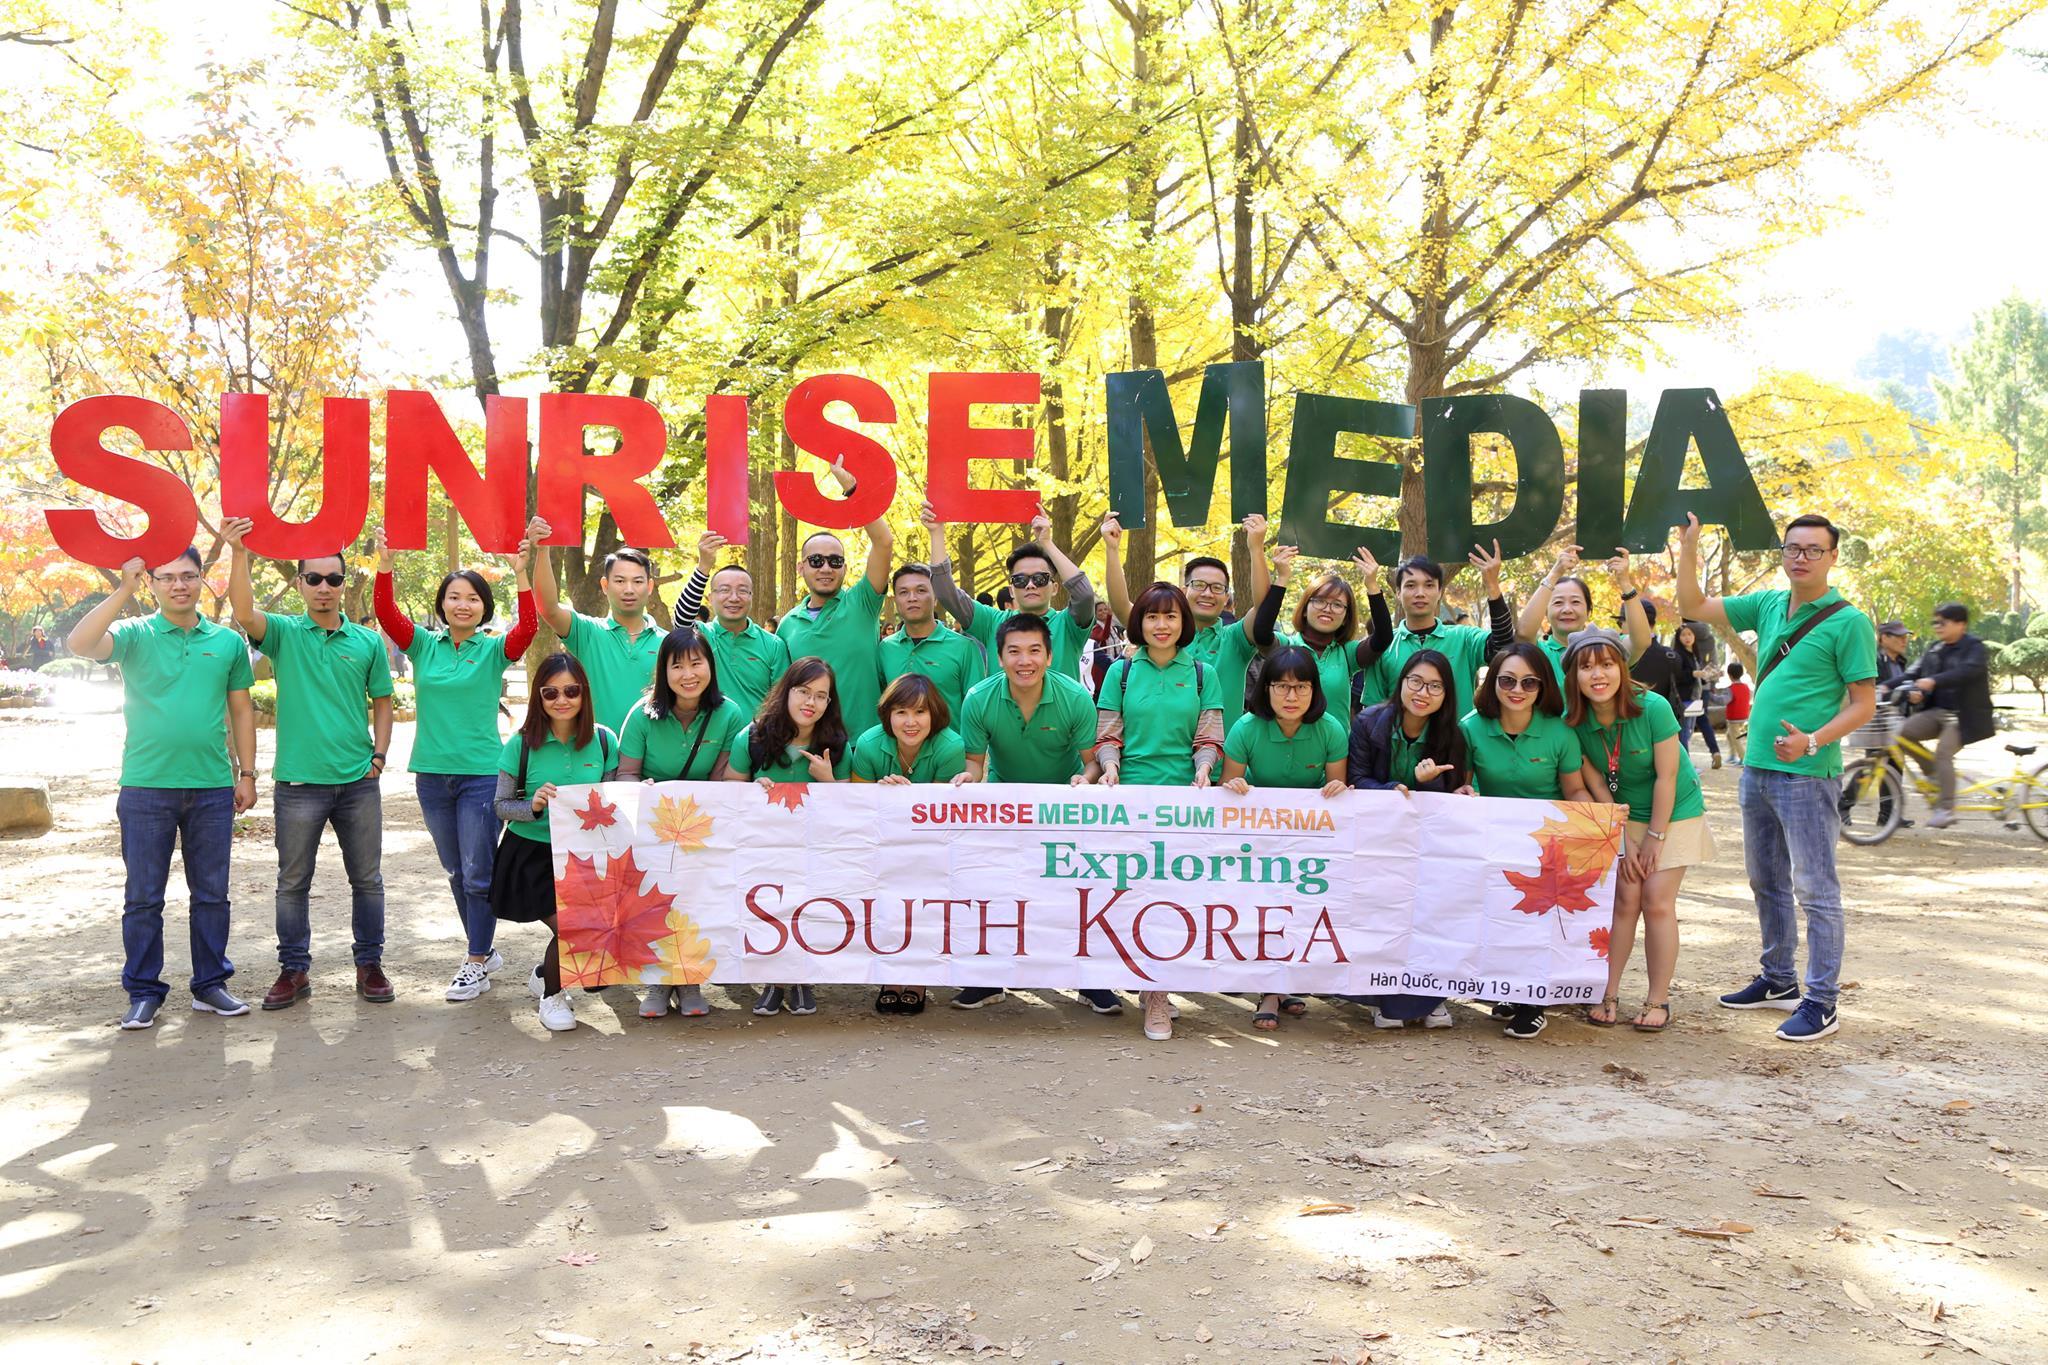 Du lịch Hàn Quốc 2018 – Chuyến đi nâng tầm hội nhập cho cán bộ nhân viên Sunrise Media